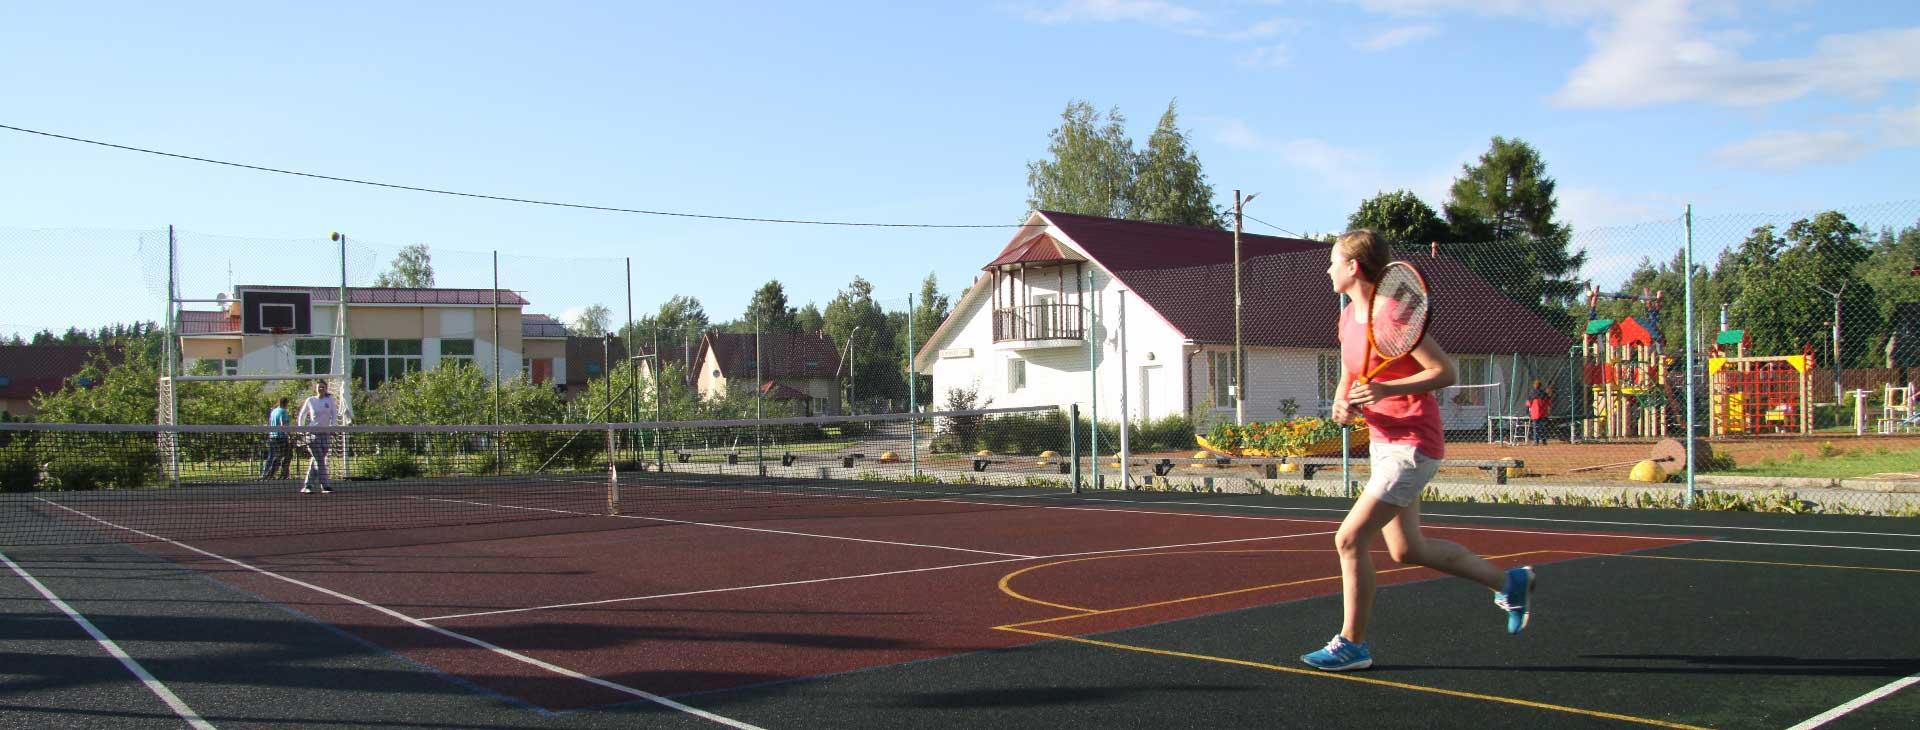 Игра в большой теннис на Розовой даче